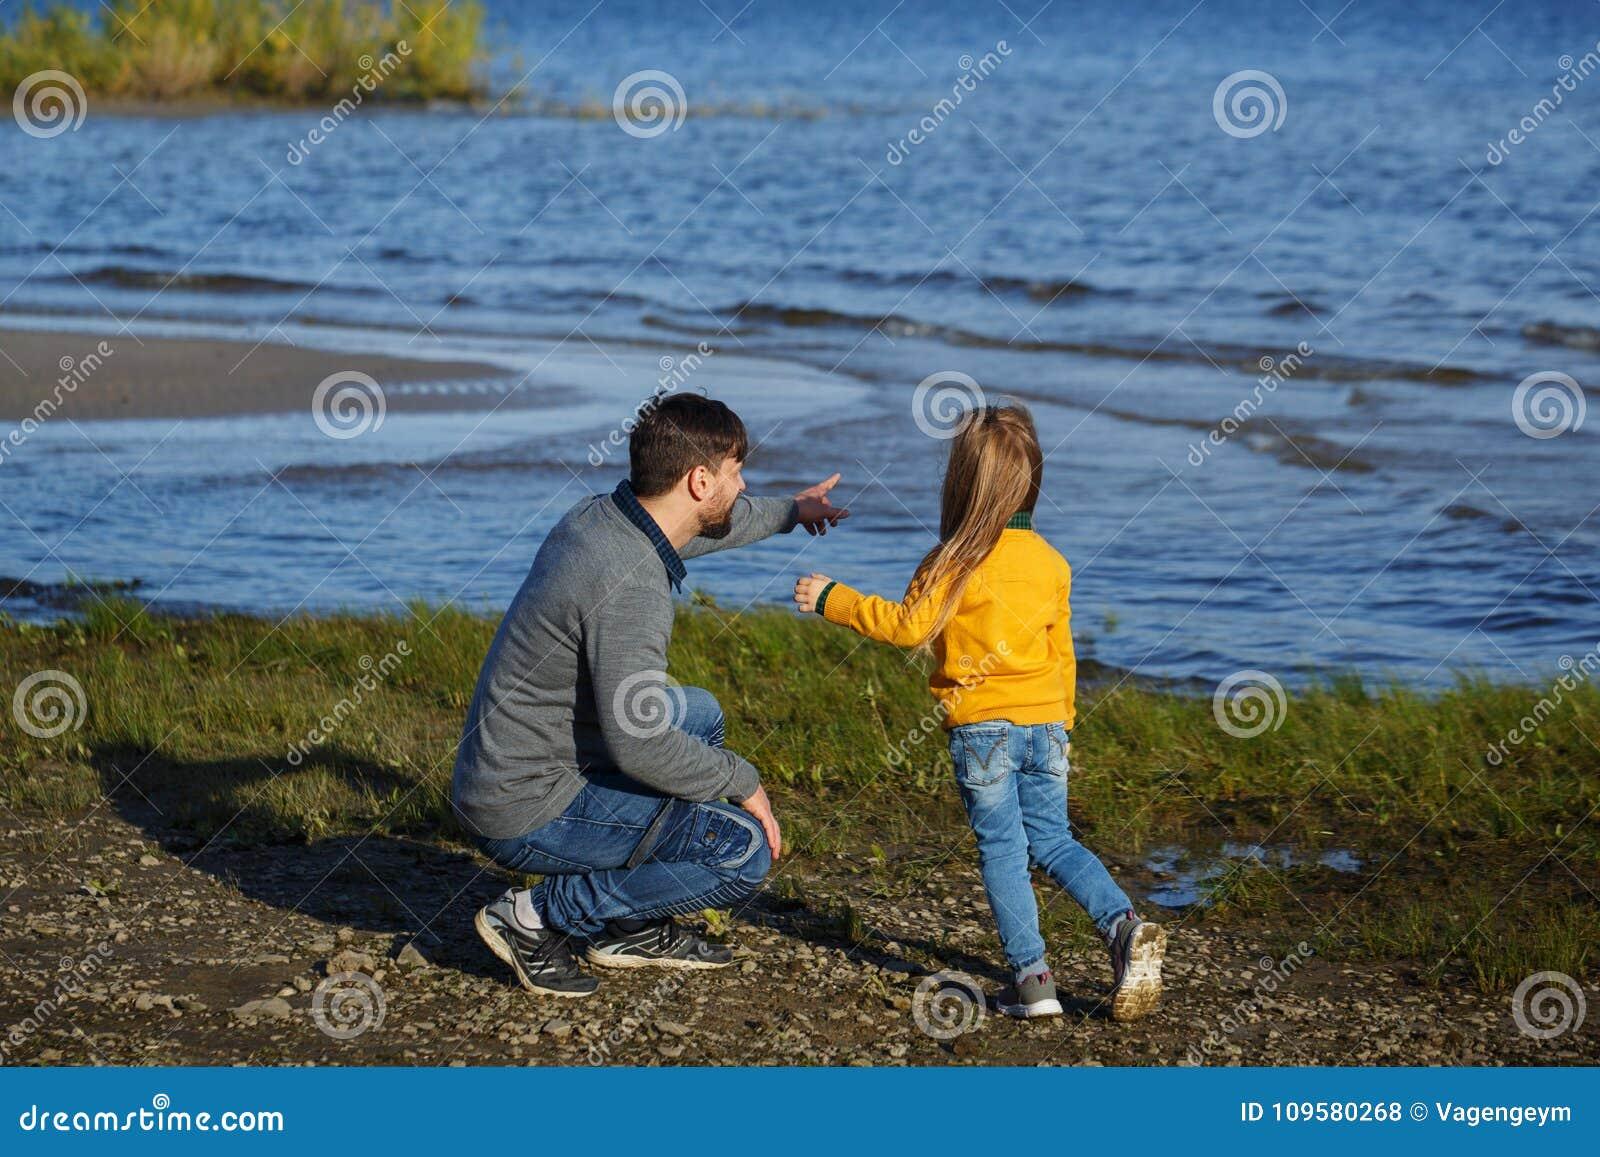 Семья Отец и дочь Отдых на воде